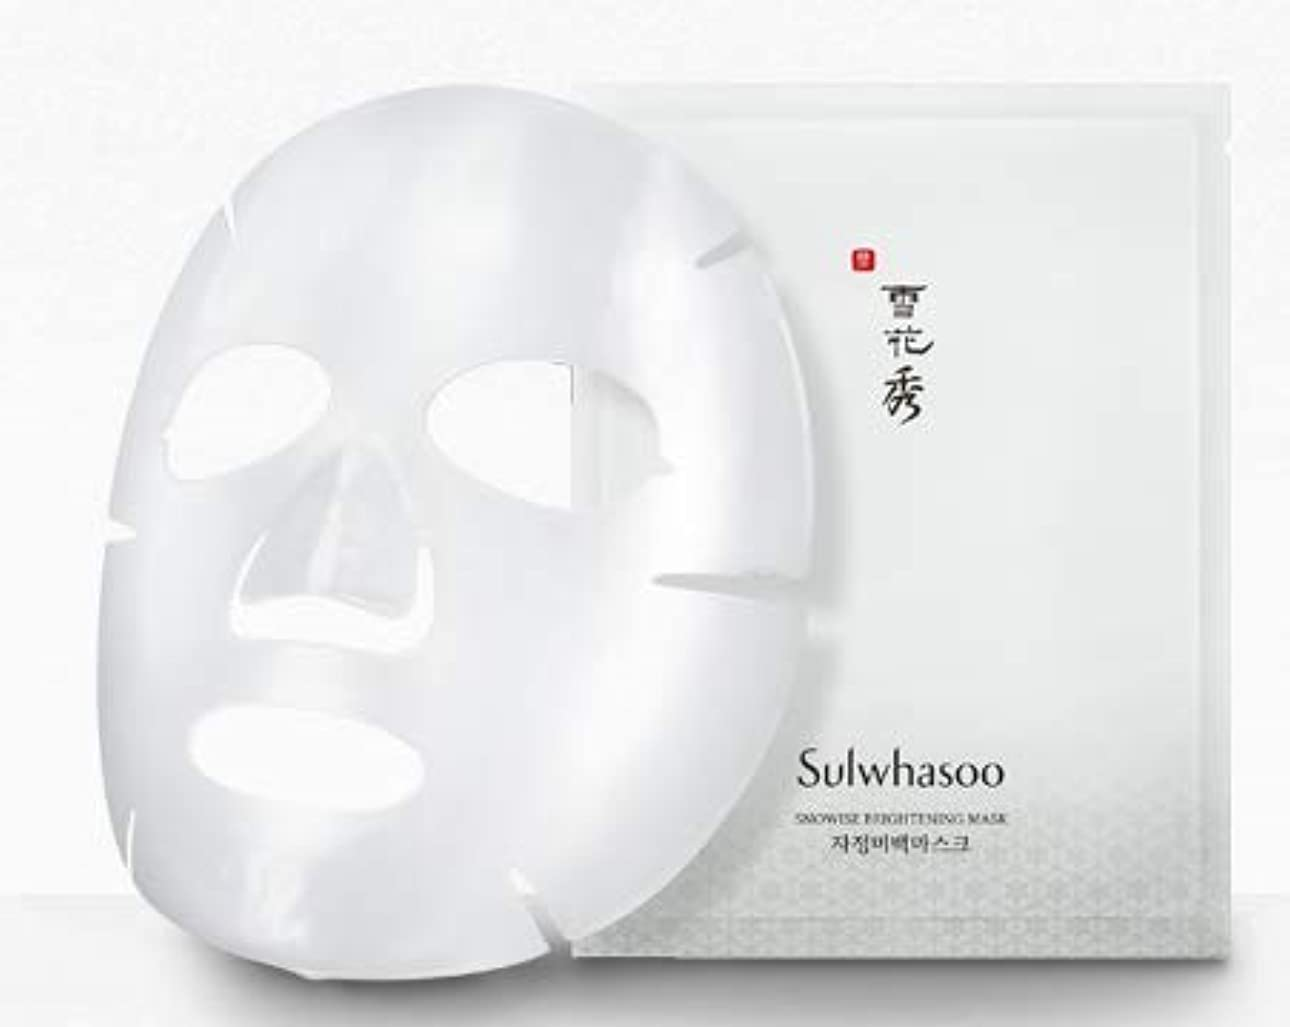 落花生説明する不純[(雪花秀) Sulwhasoo] [Snowise Brightening Mask 20g*5ea] [並行輸入品]